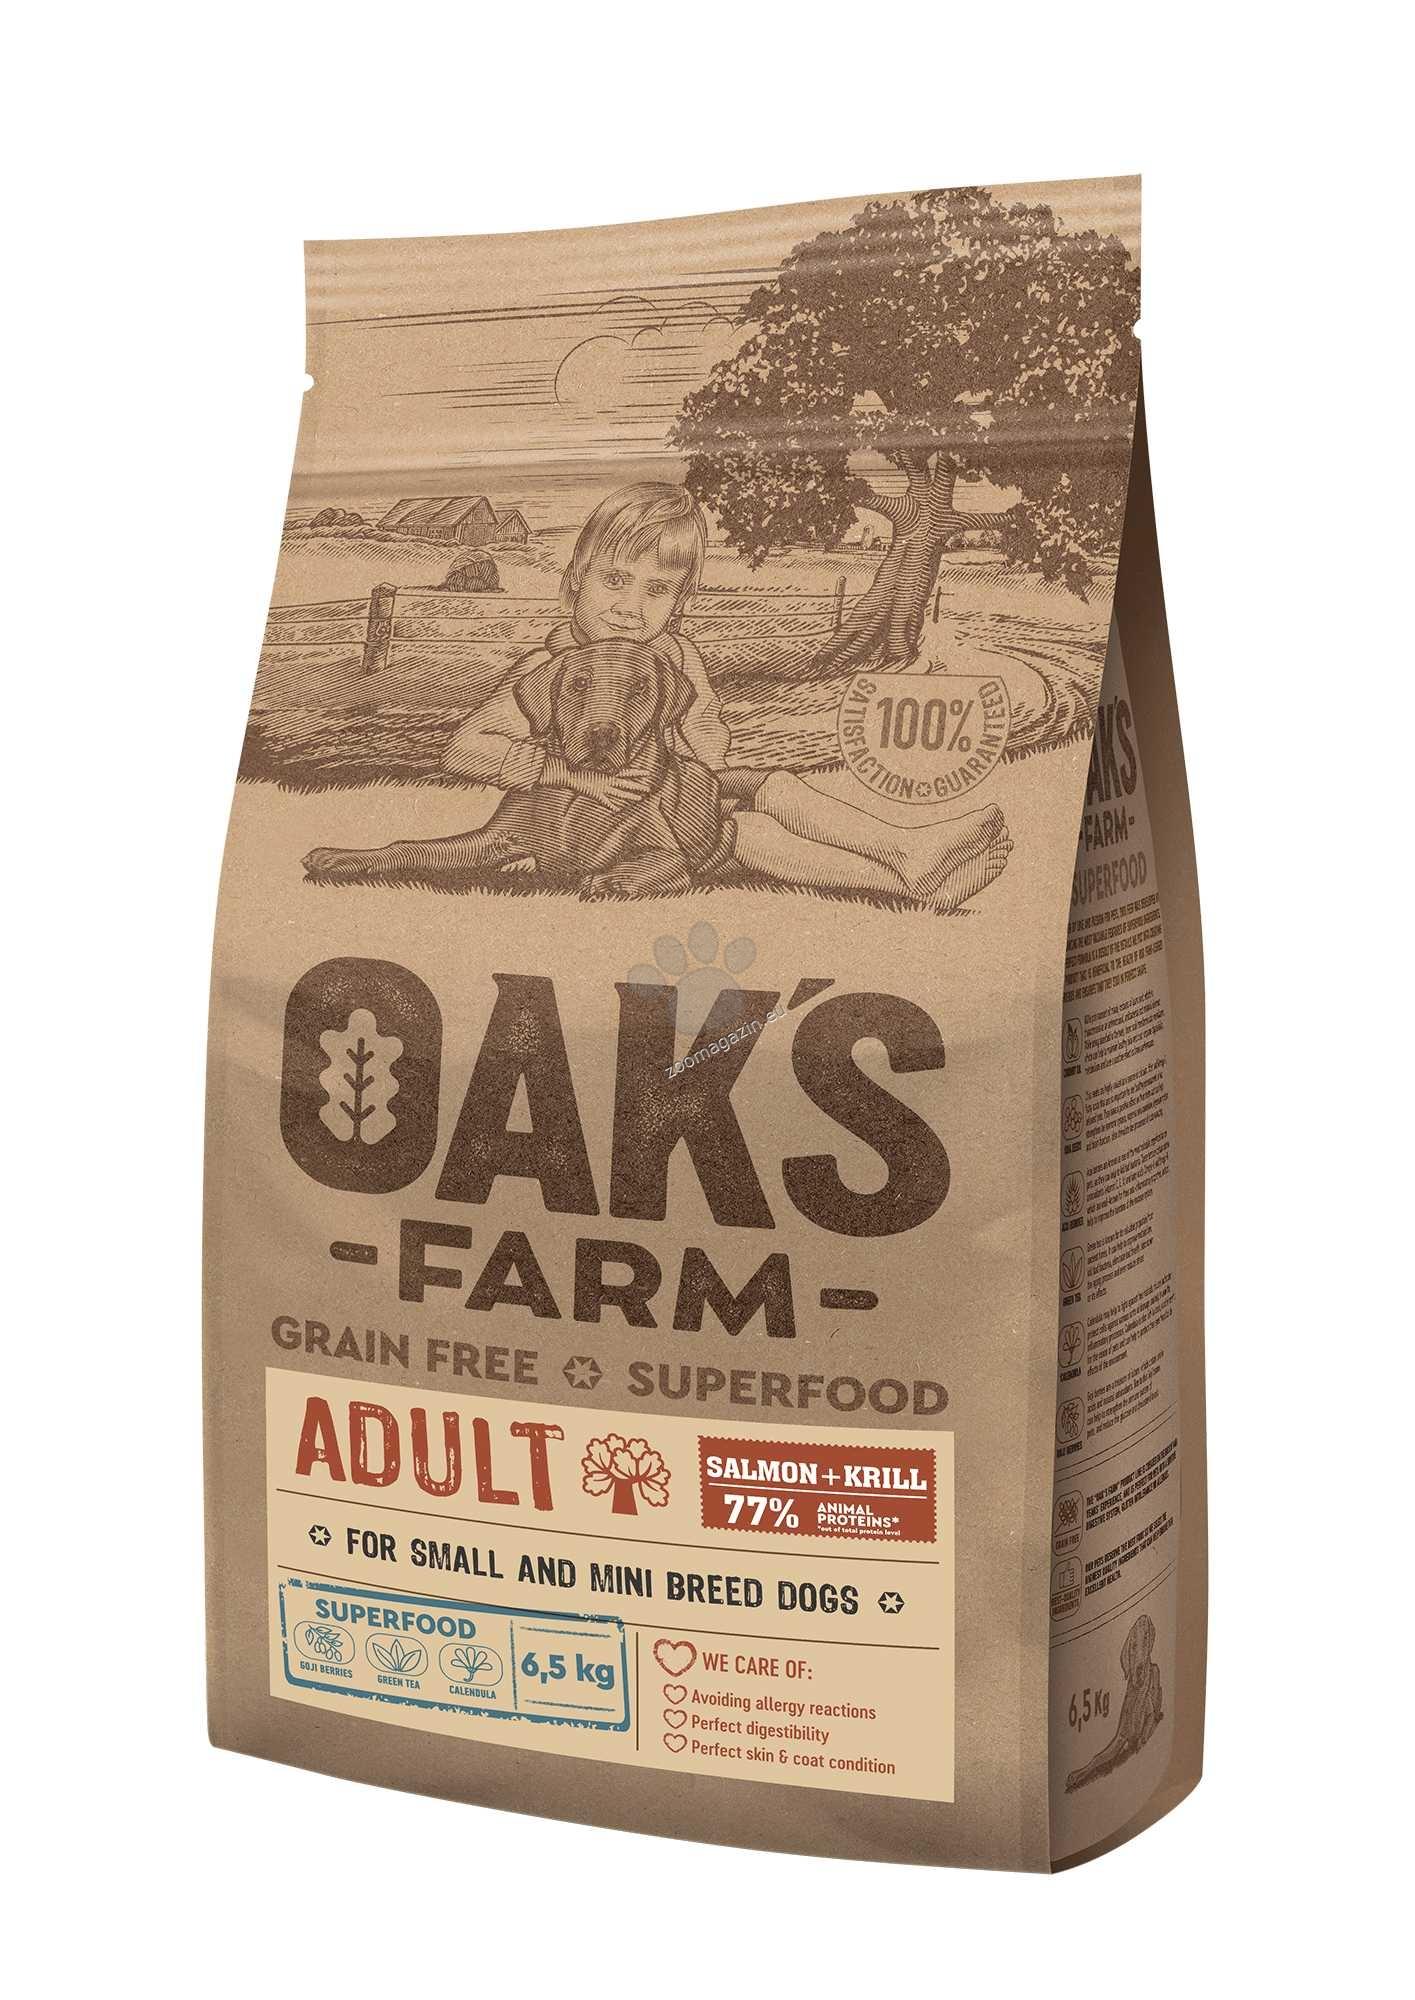 Oaks Farm Adult Salmon with Krill Small-Mini Breeds - пълноценна храна със сьомга и крил, без зърнени култури за пораснали кучета от малки и мини породи (За кучета с тегло 1-10кг) 18 кг.